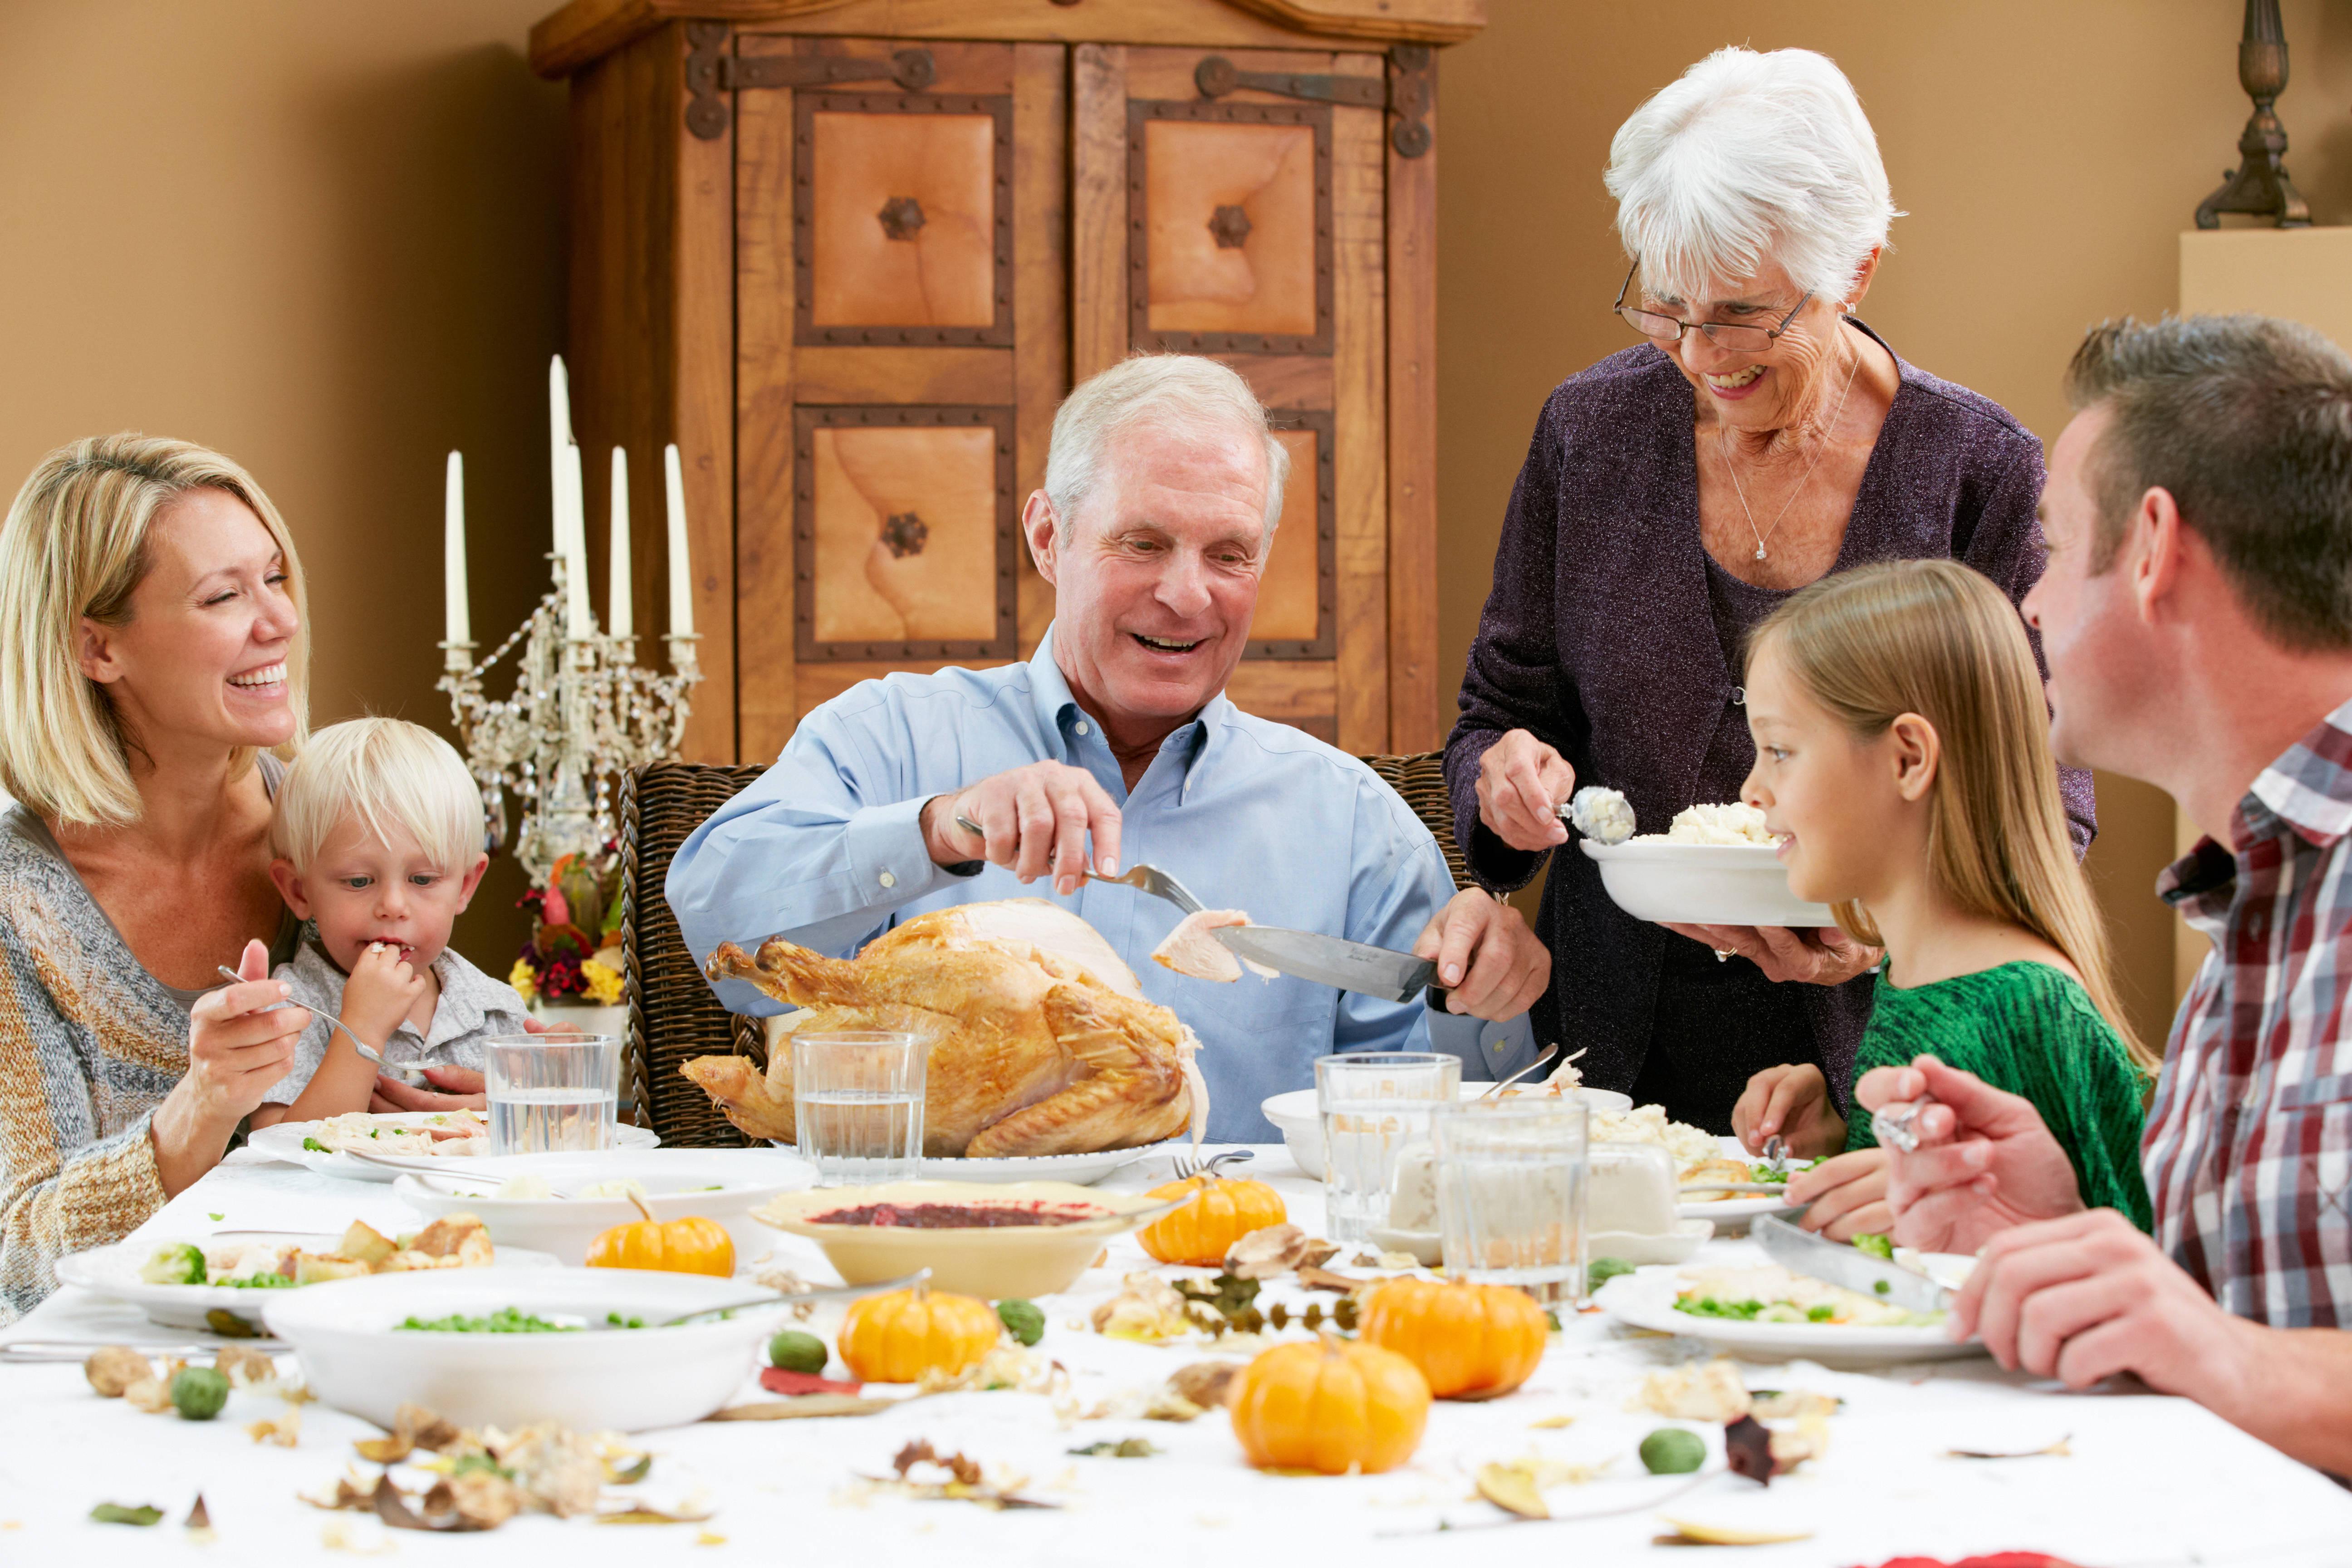 сельскохозяйственный традиции семейного и домашнего воспитания в англии районный составе: